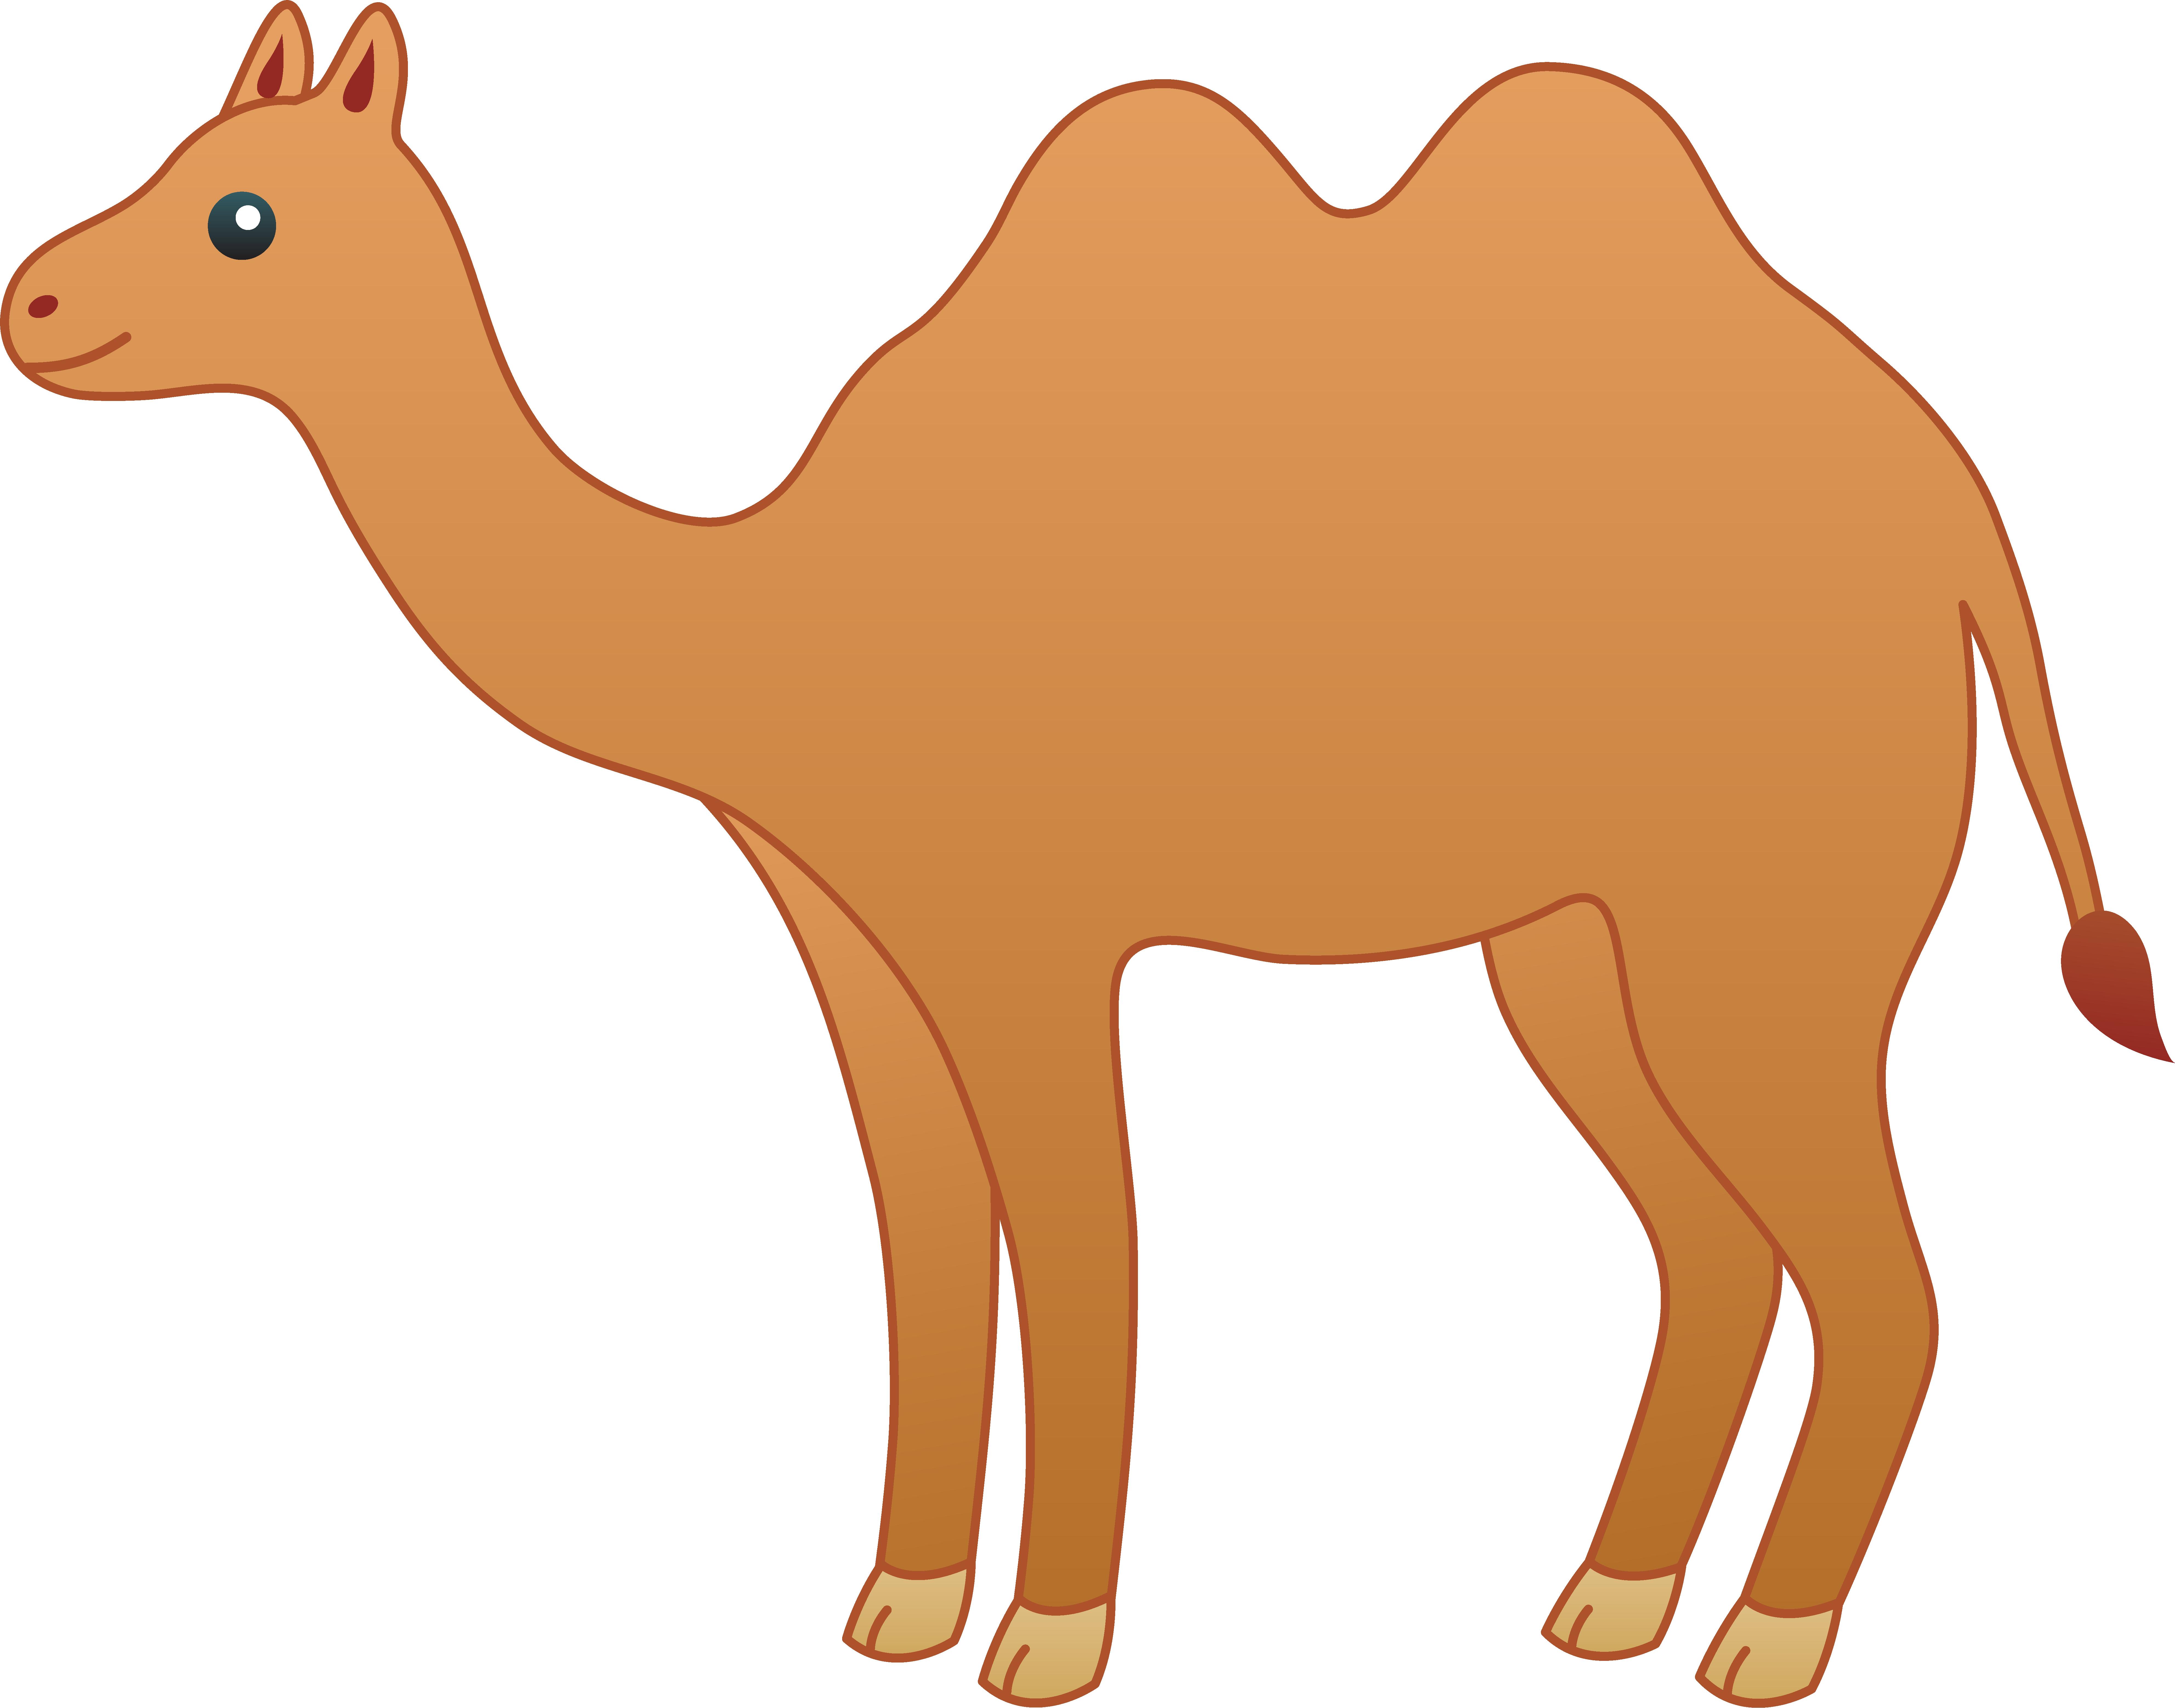 Free Camel Clip Art, Download Free Clip Art, Free Clip Art.